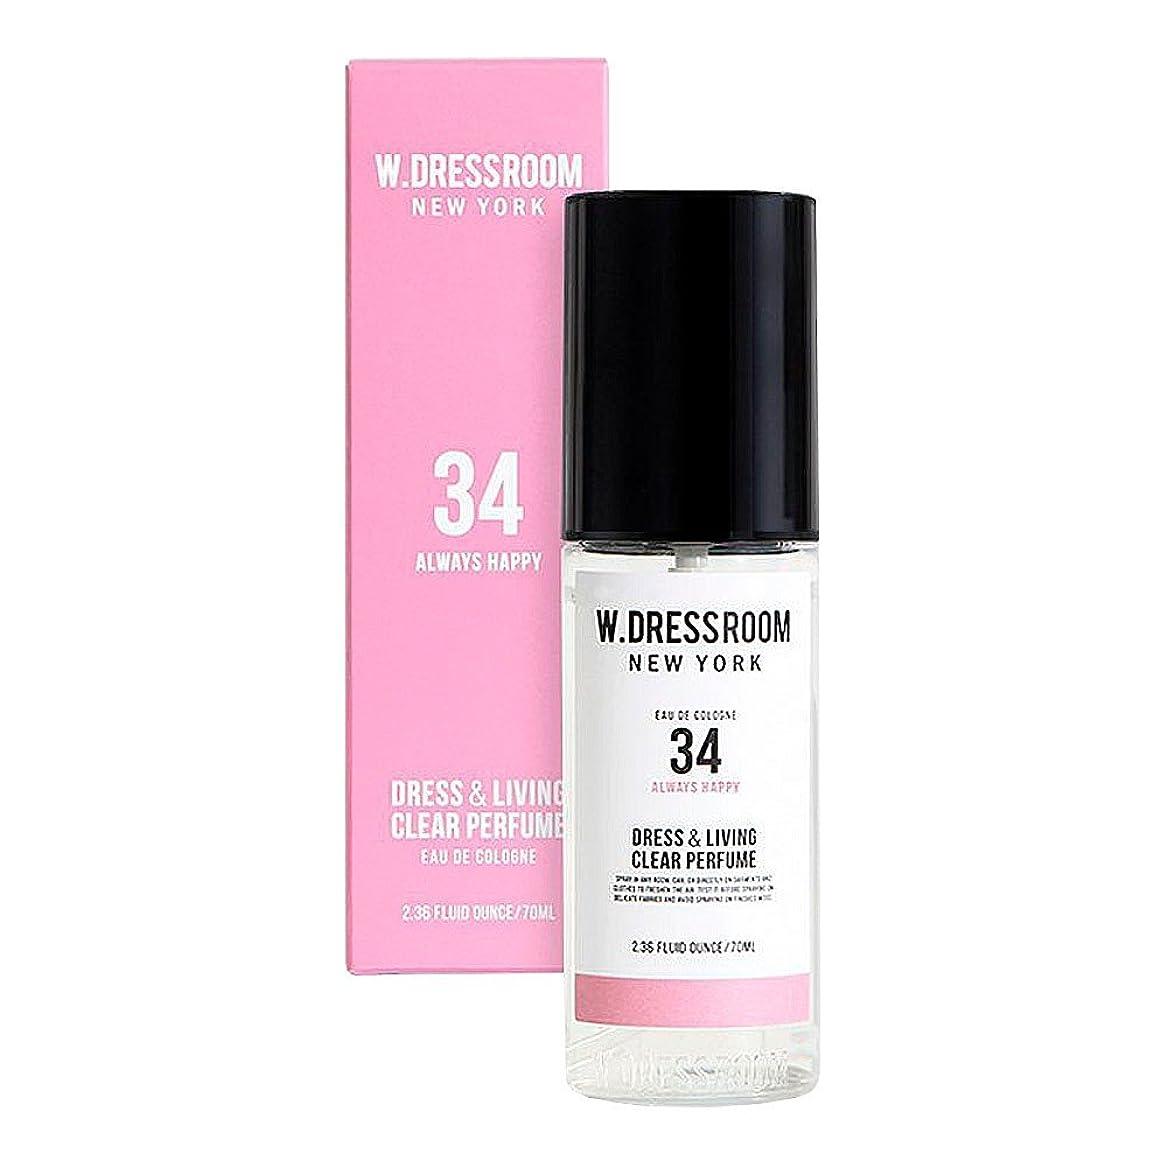 パッド芝生暴徒W.DRESSROOM Dress & Living Clear Perfume fragrance 70ml (#No.34 Always Happy)/ダブルドレスルーム ドレス&リビング クリア パフューム 70ml (#No.34 Always Happy)